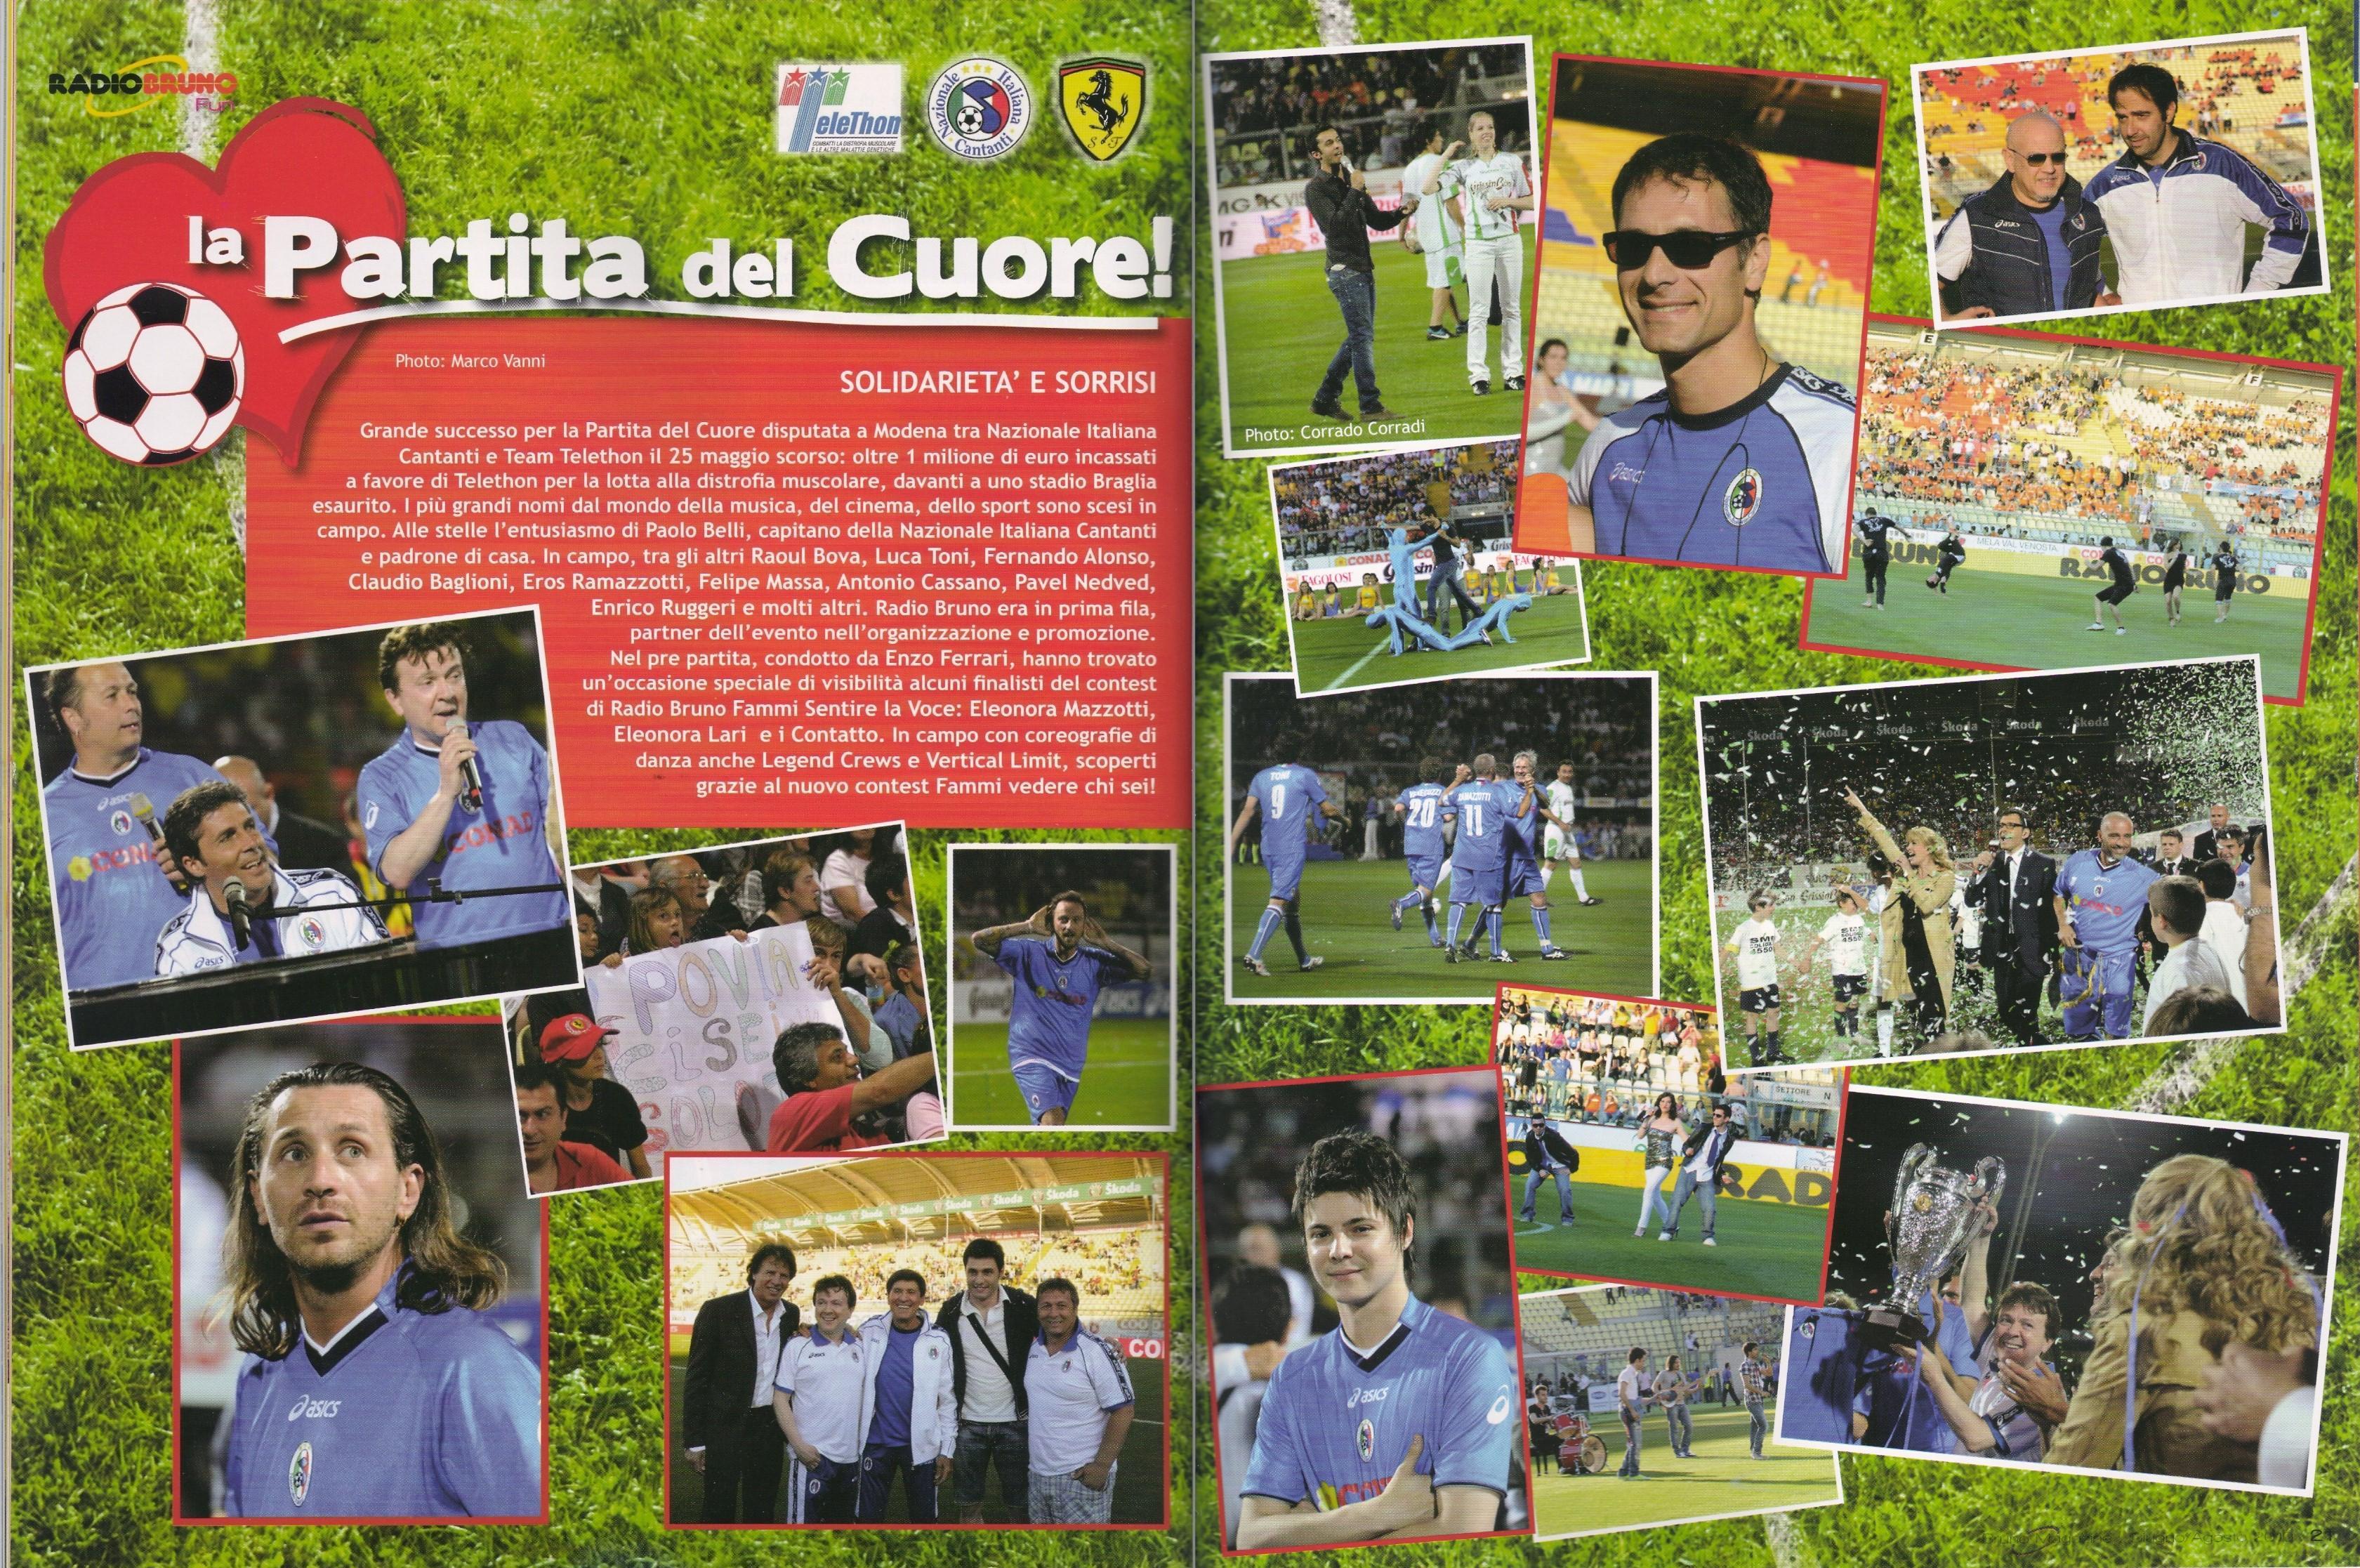 Partitadel cuore_Radio Bruno Magazine 2010